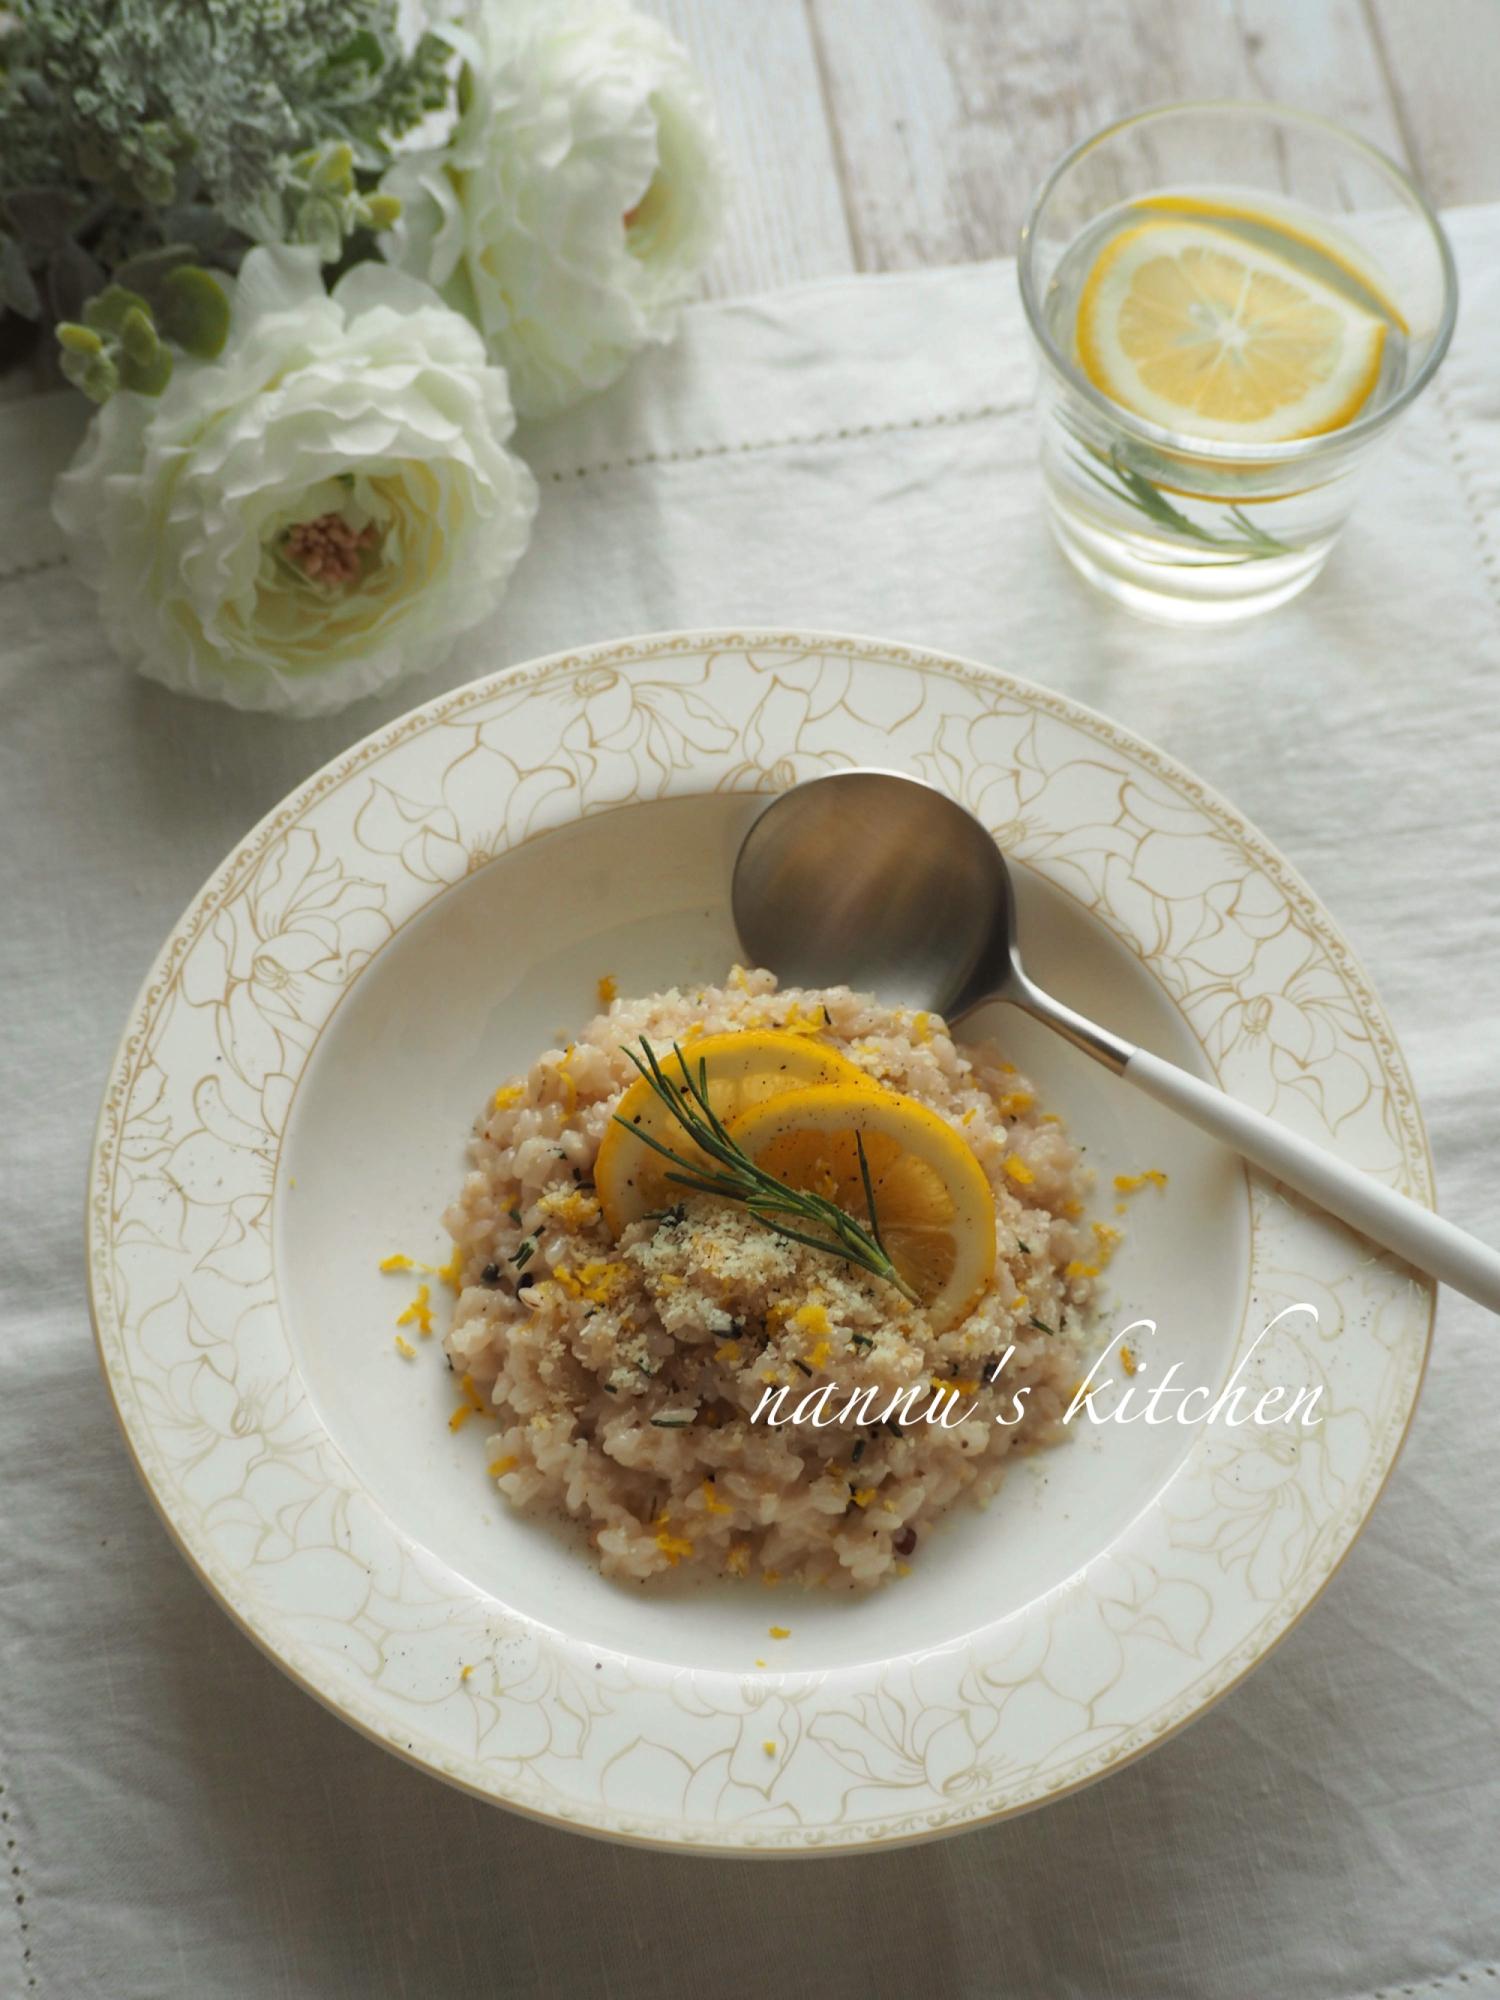 レモンとオレンジのハーフ!「マイヤーレモン」の活用レシピ10選の画像